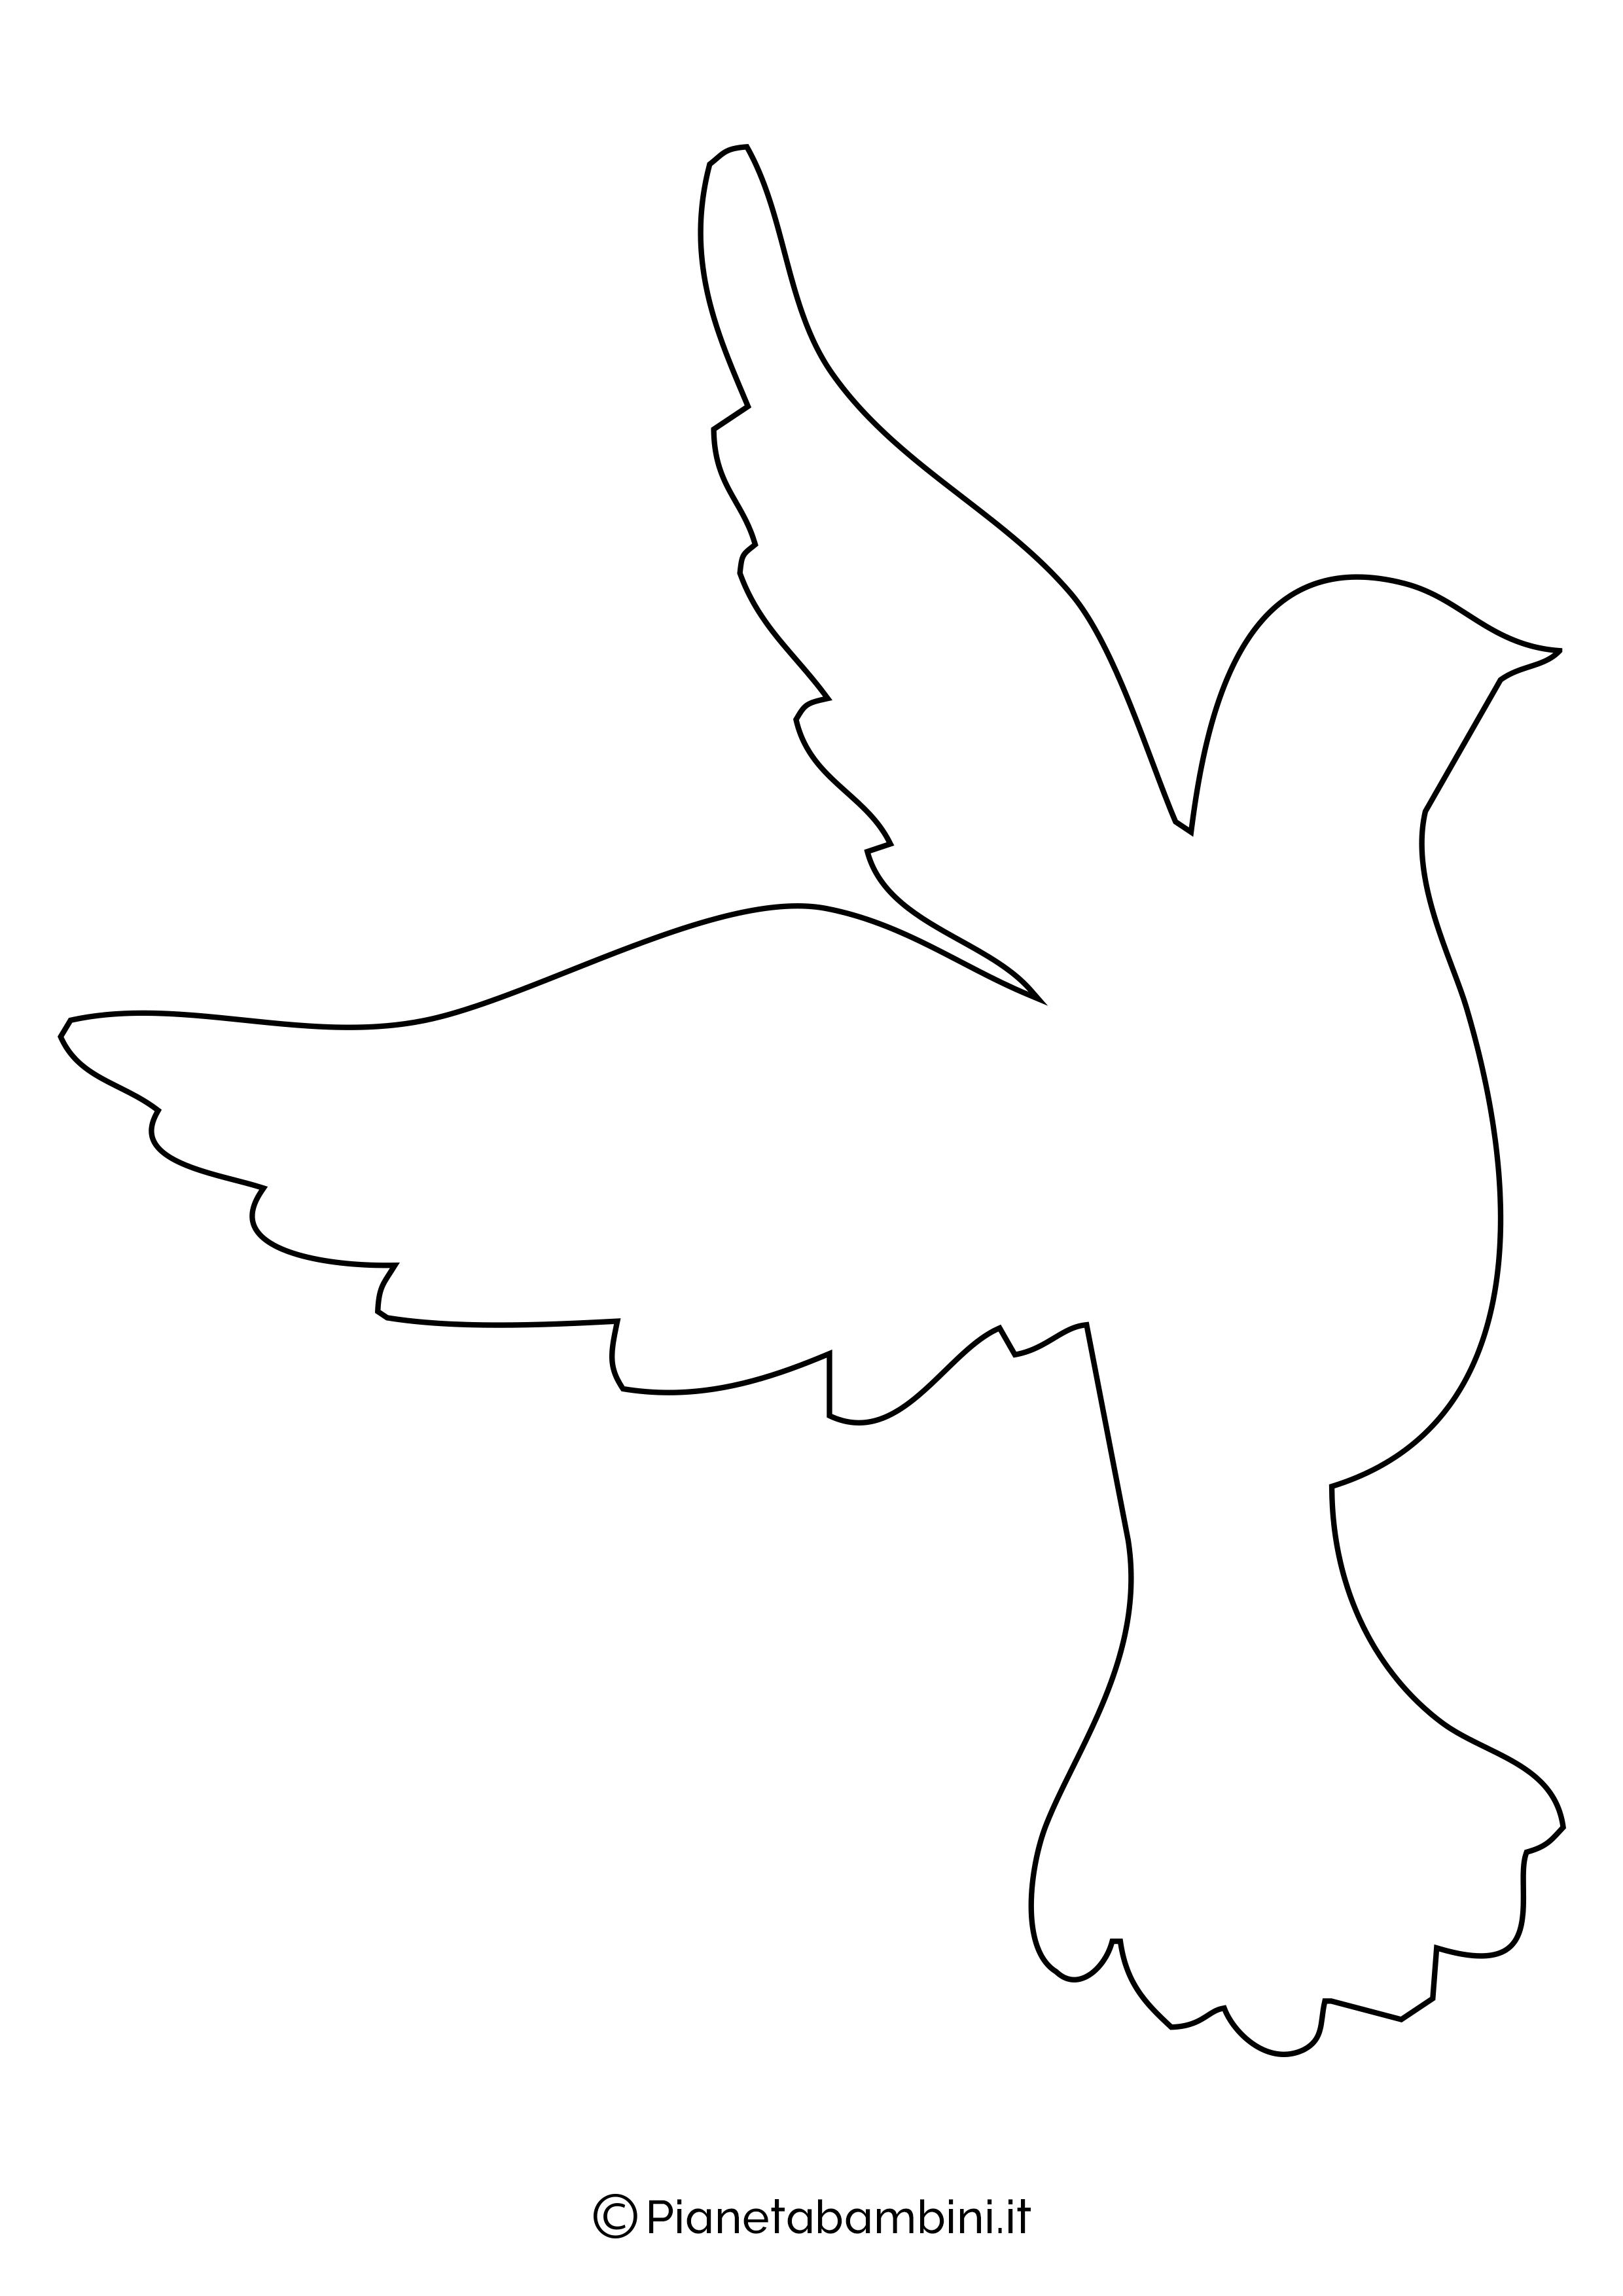 Disegni di colombe grandi 4